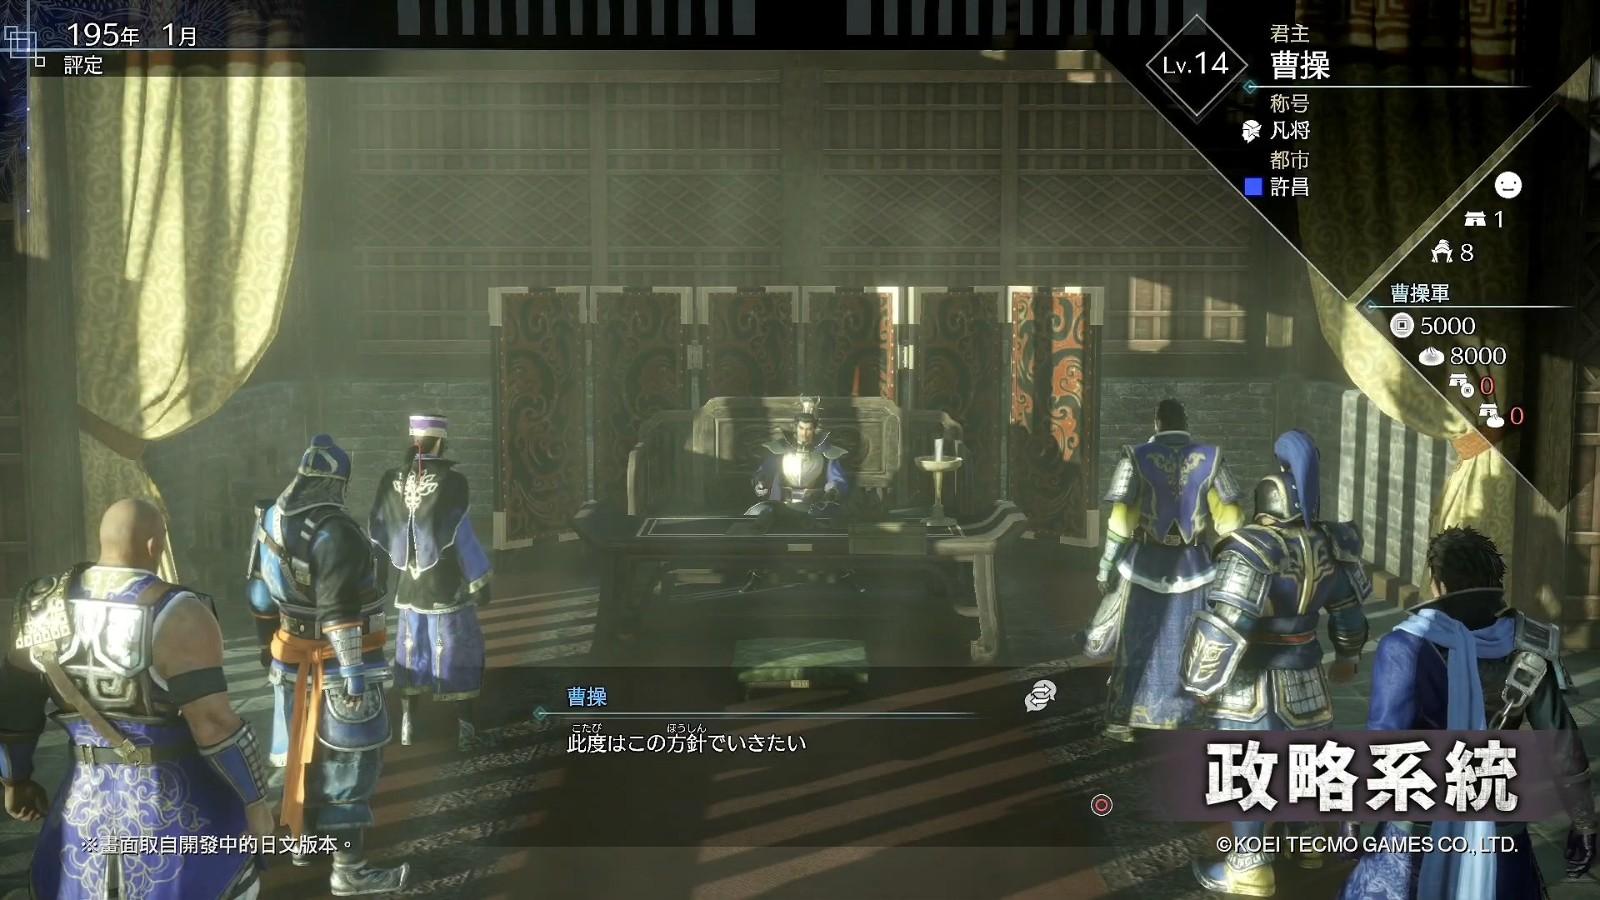 《真三国无双8:帝国》实机演示释出 将于年内正式发售